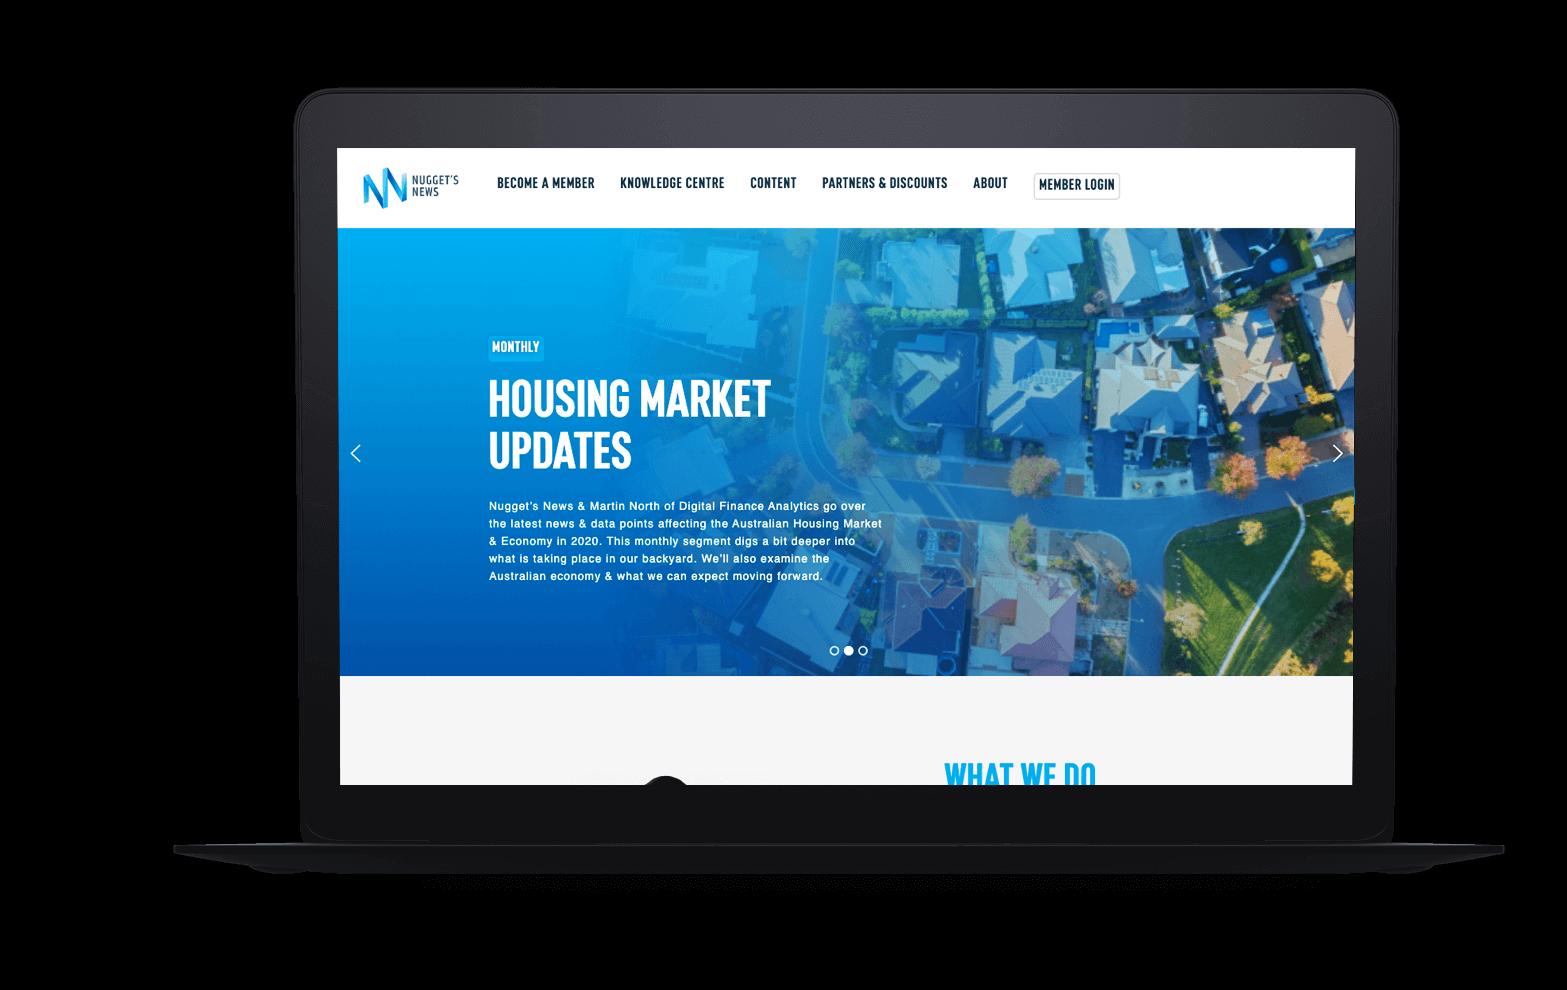 Nuggets News website design